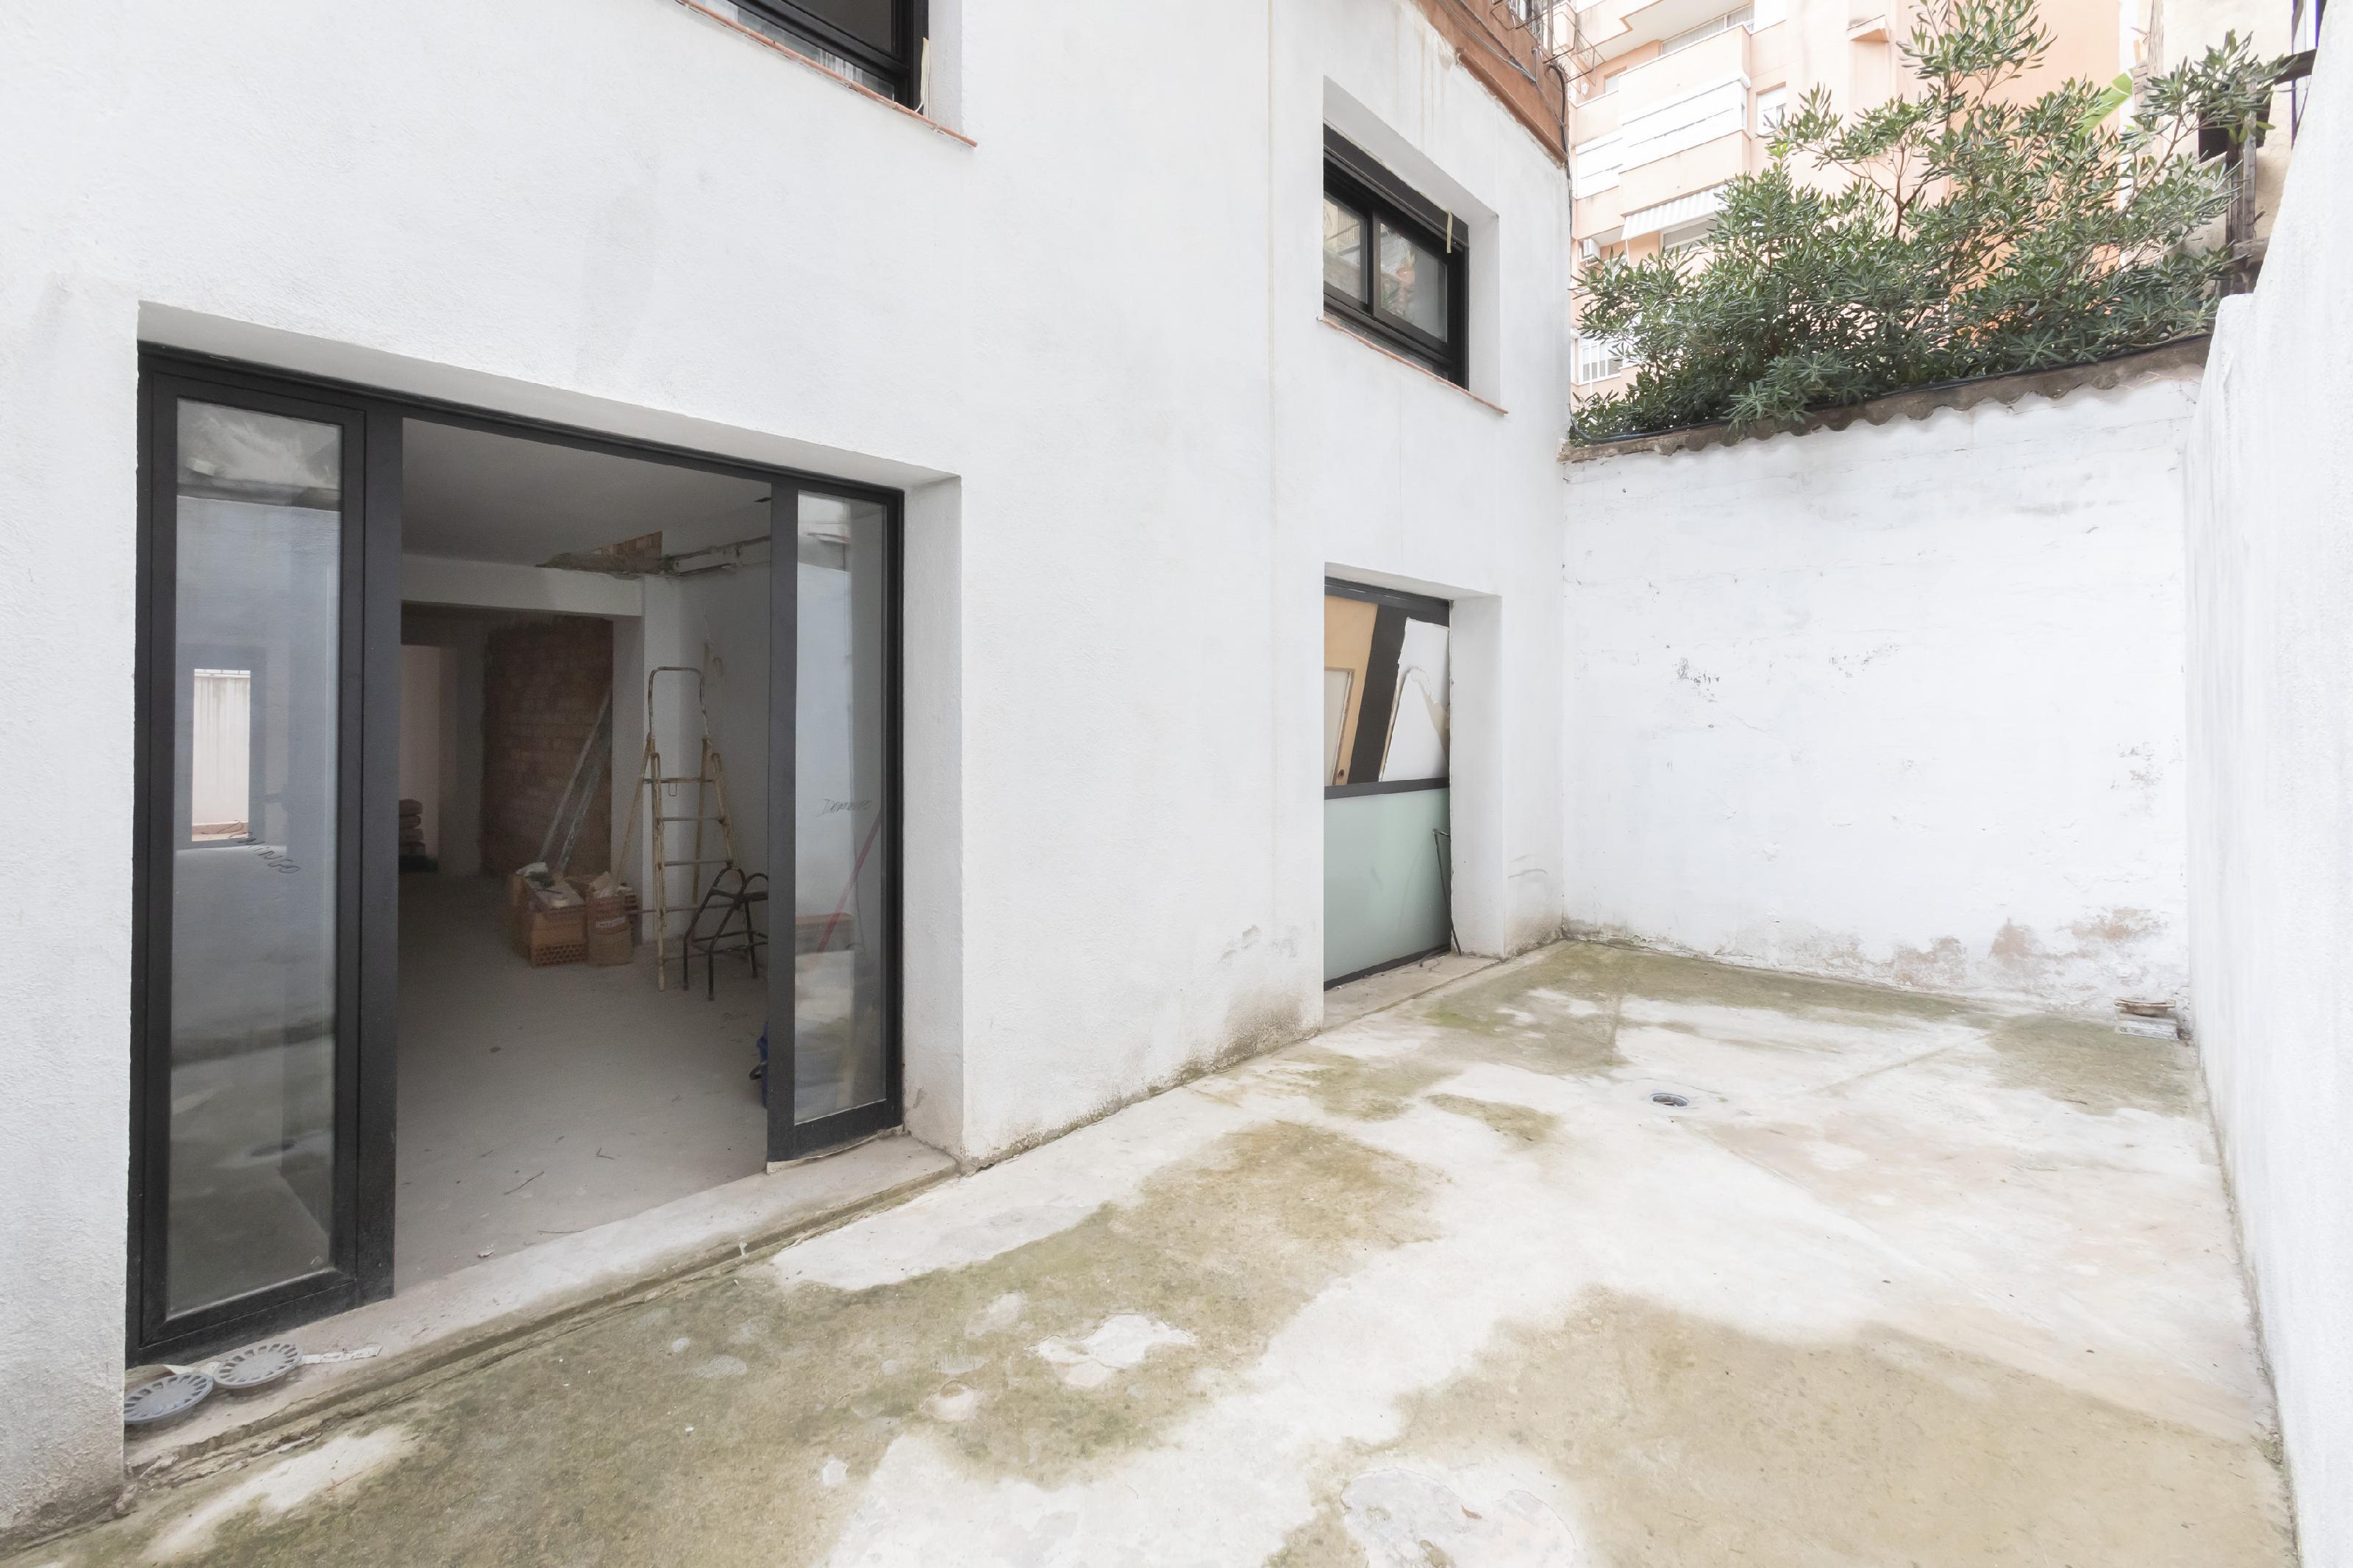 253983 Loft for sale in Gràcia, Vila de Gràcia 1